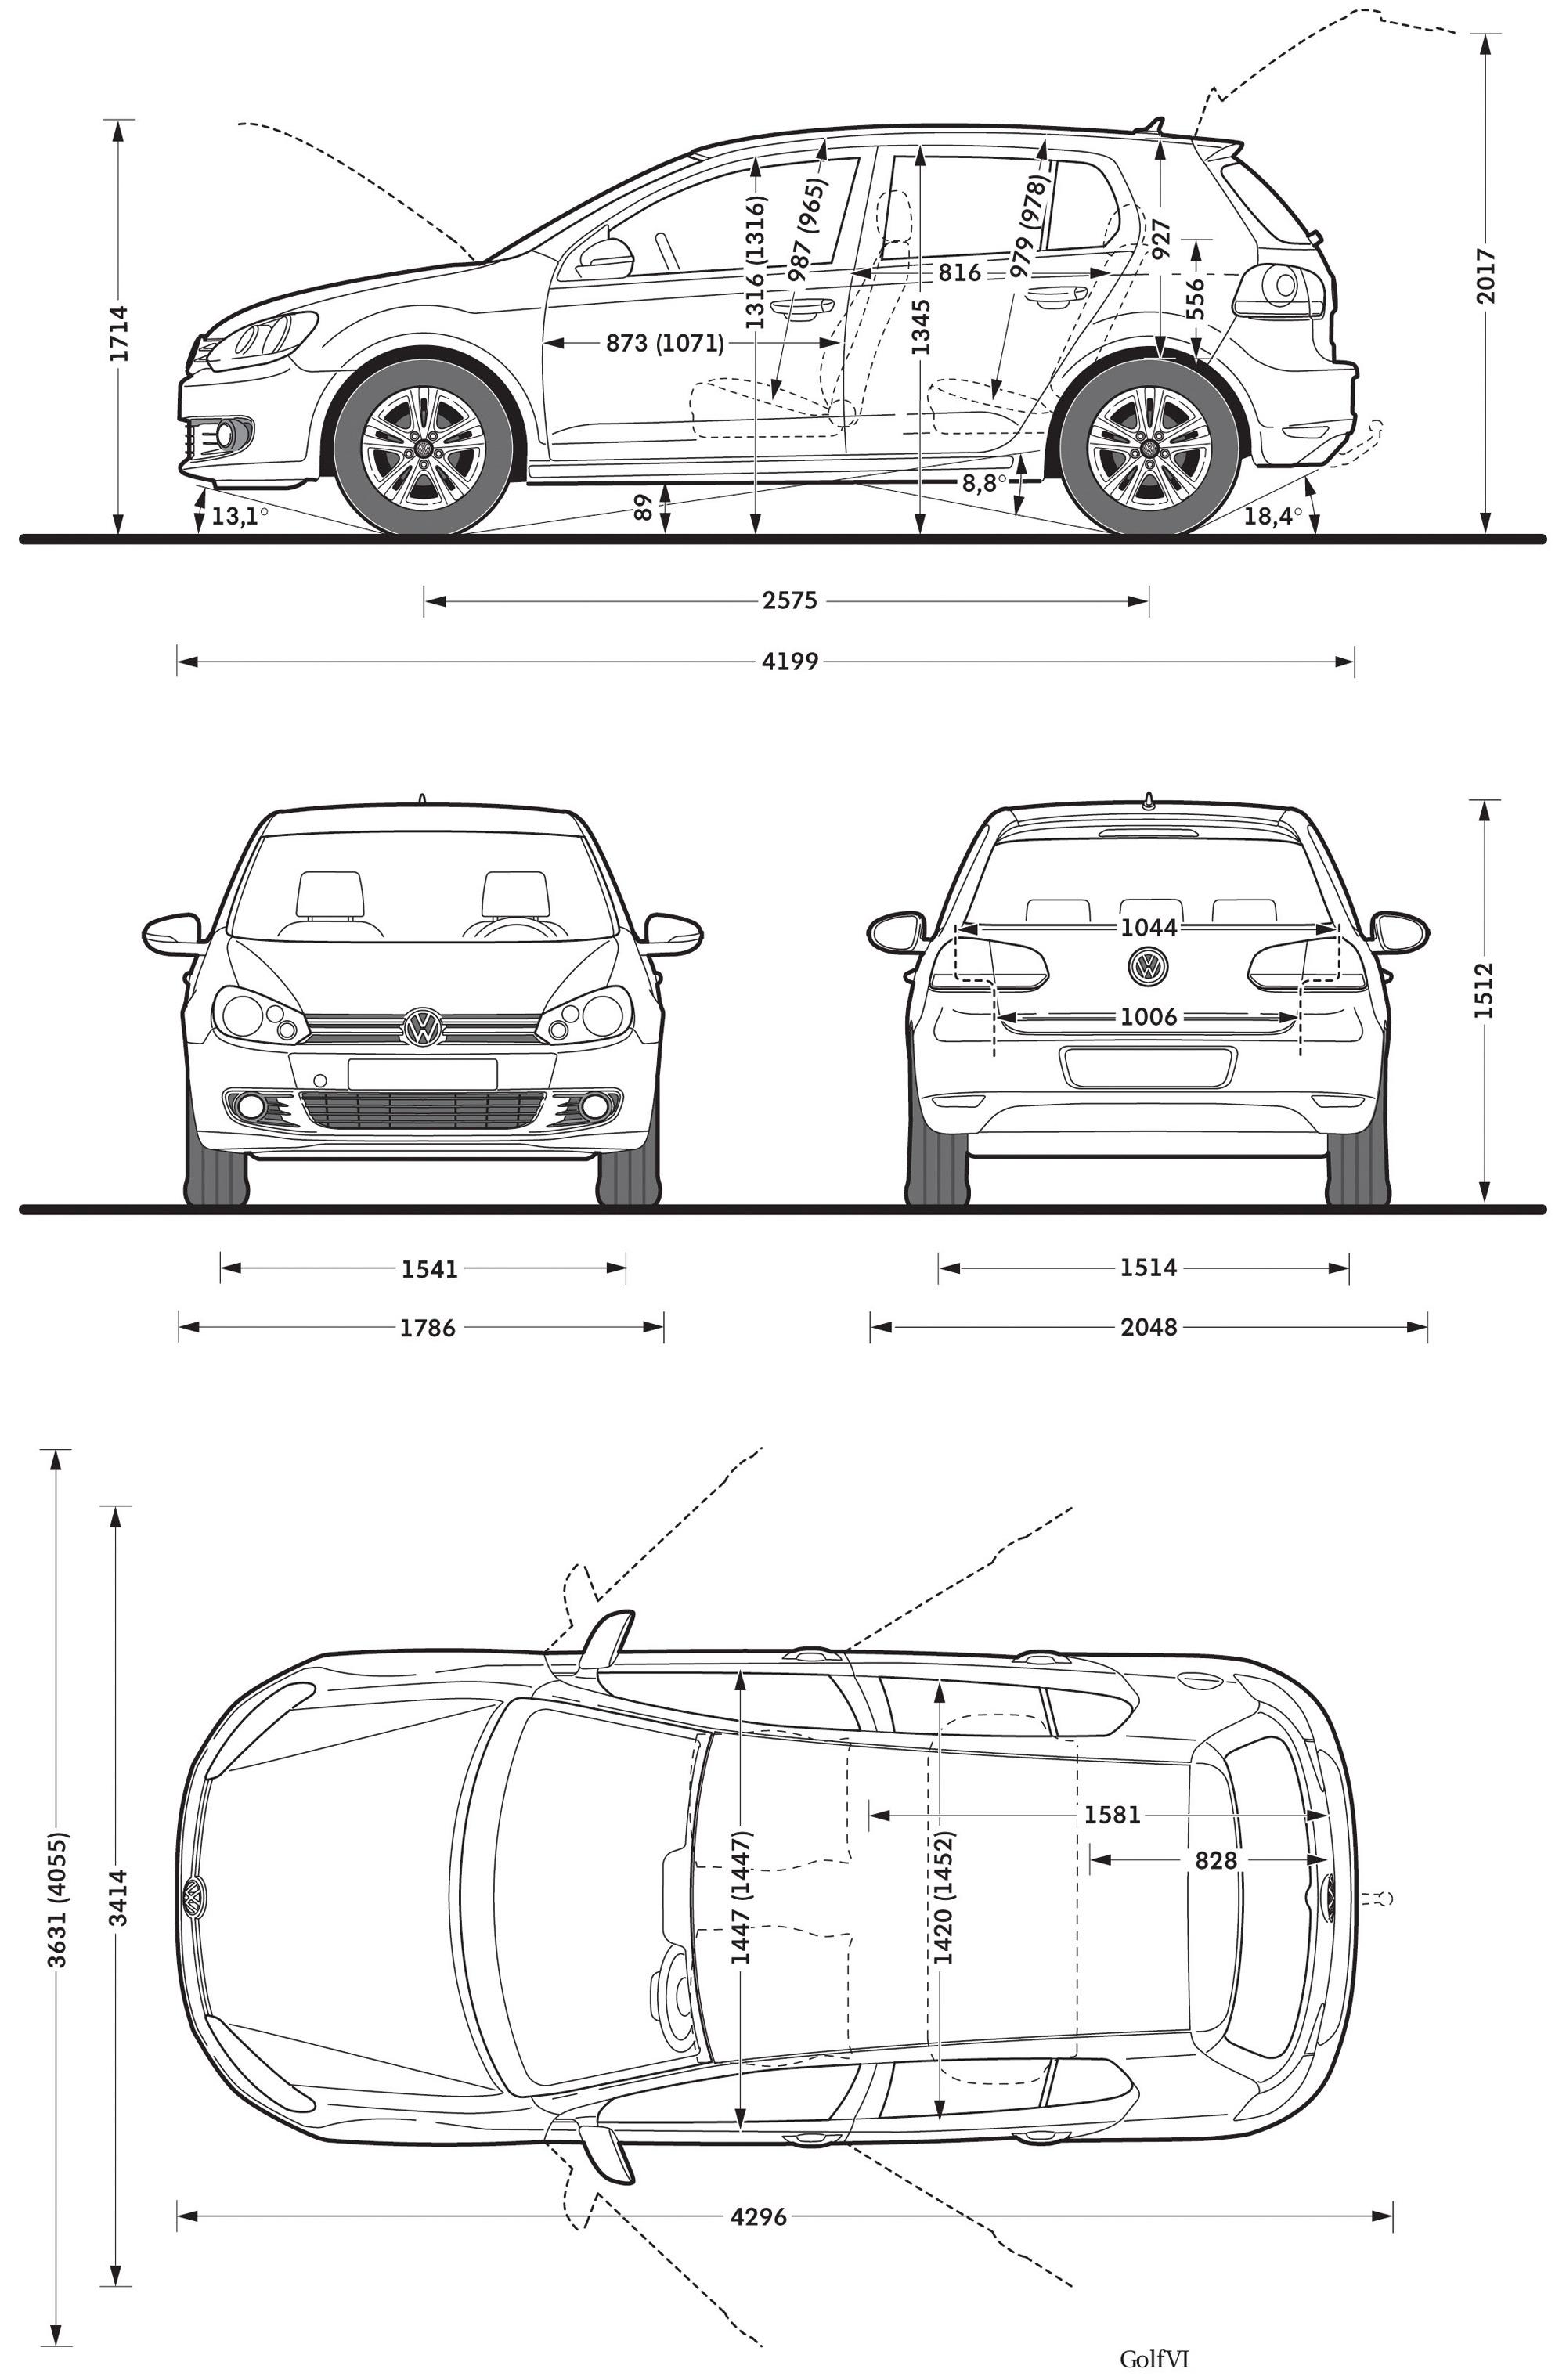 Ausmotive Volkswagen Golf Image Gallery